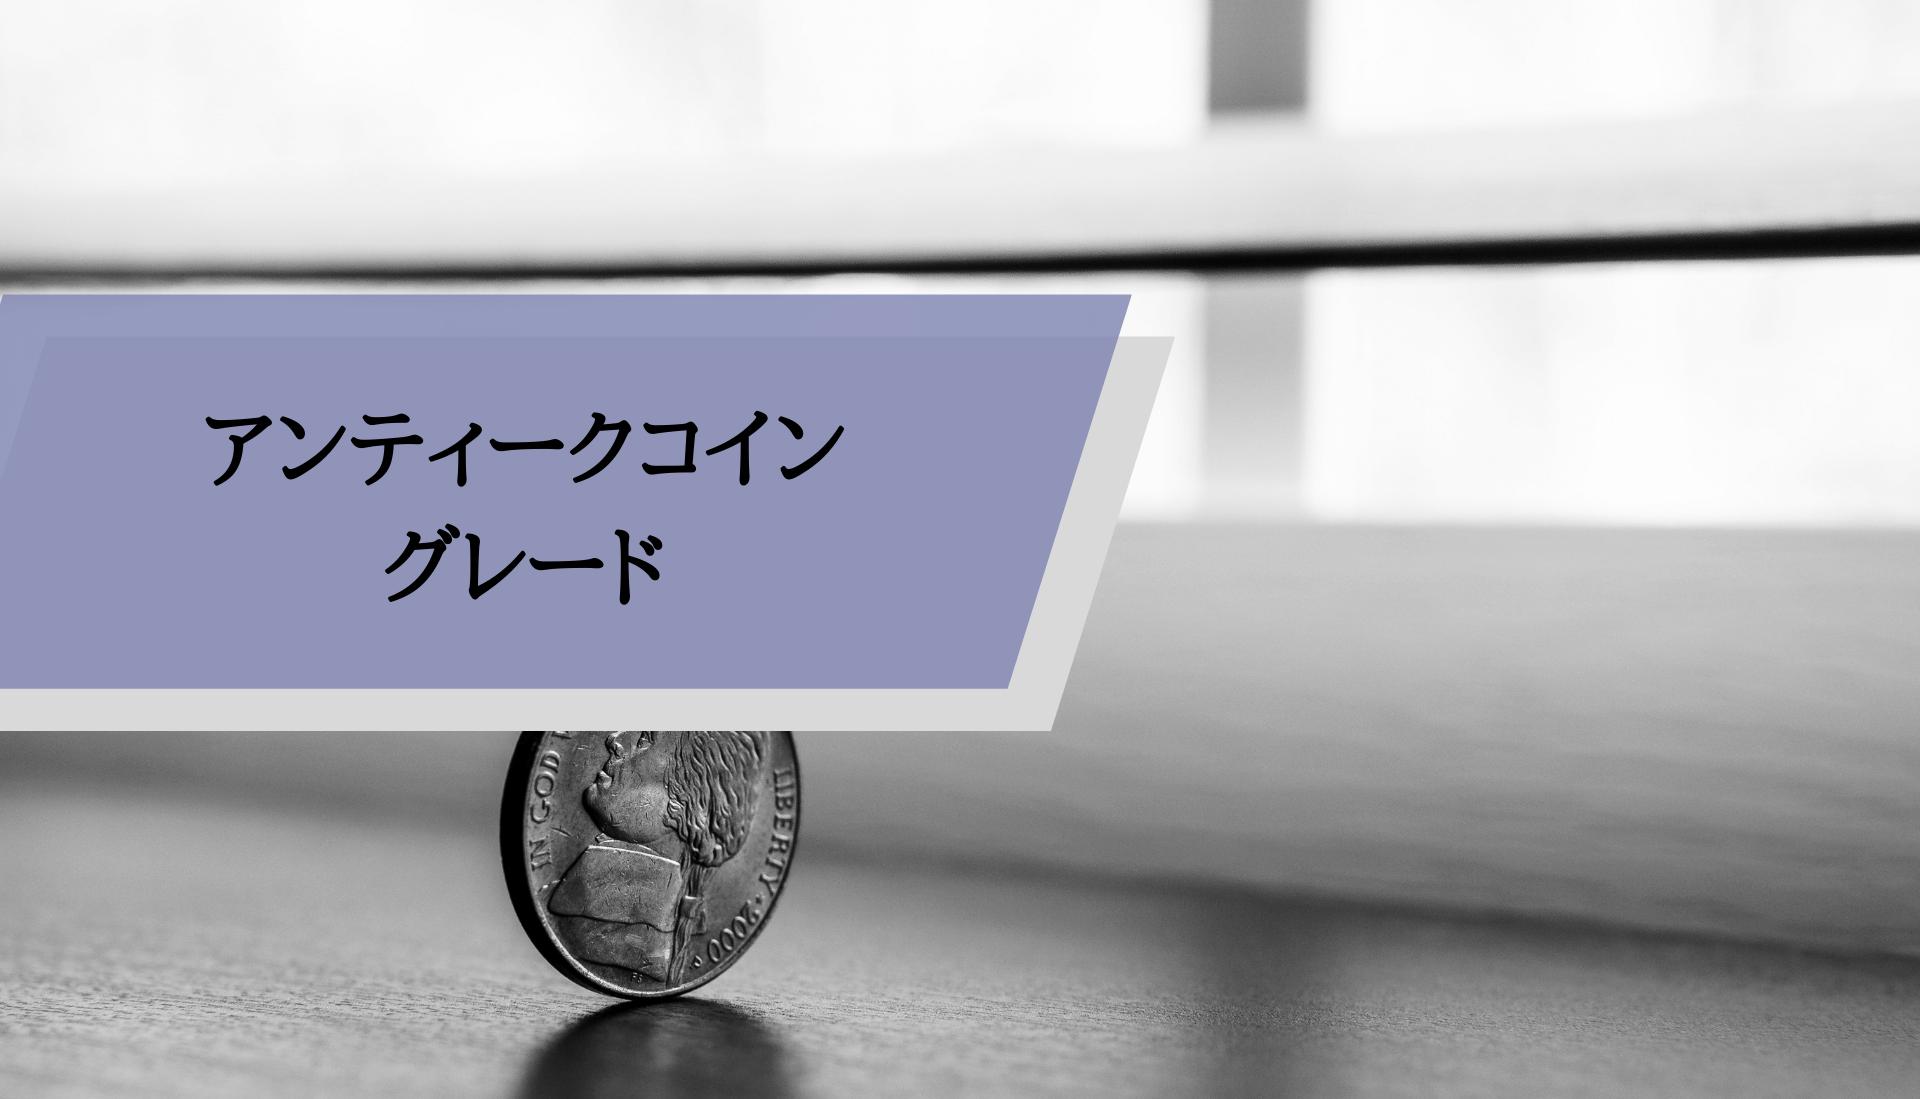 アンティークコイン_投資